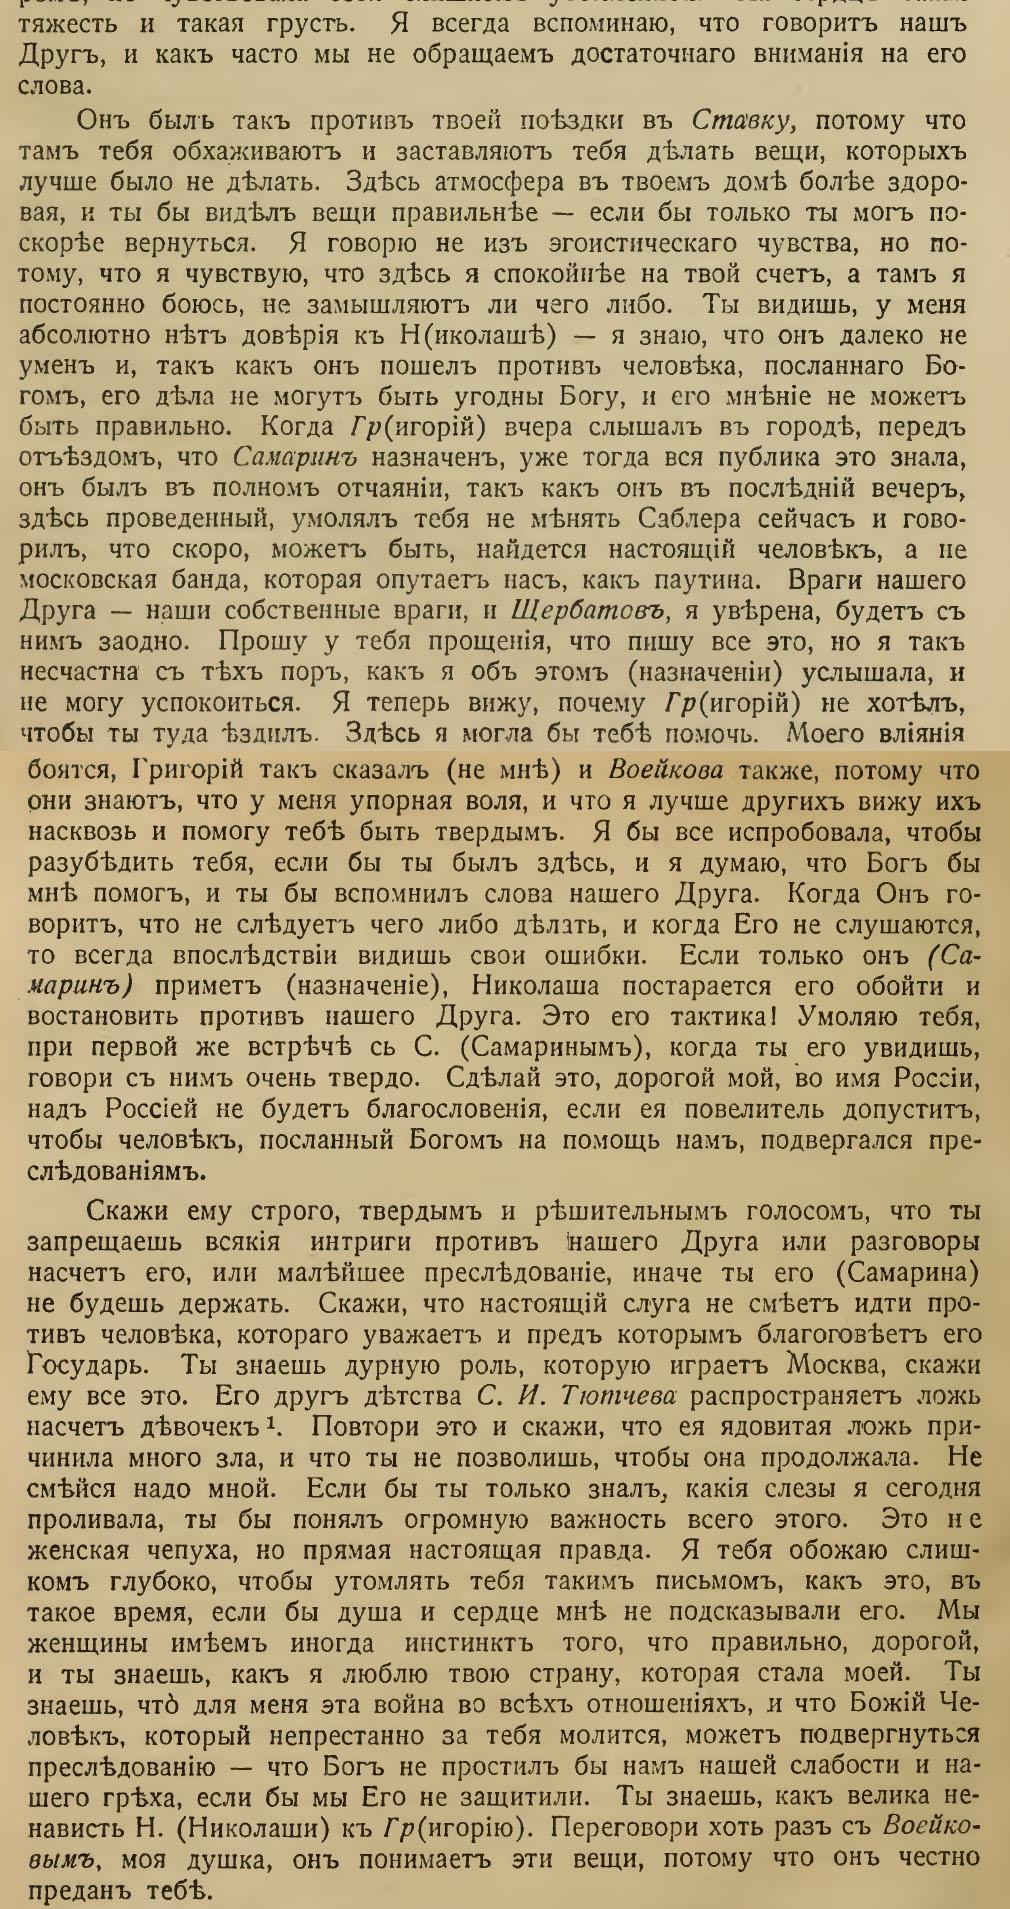 Письмо от 16 июня 1915